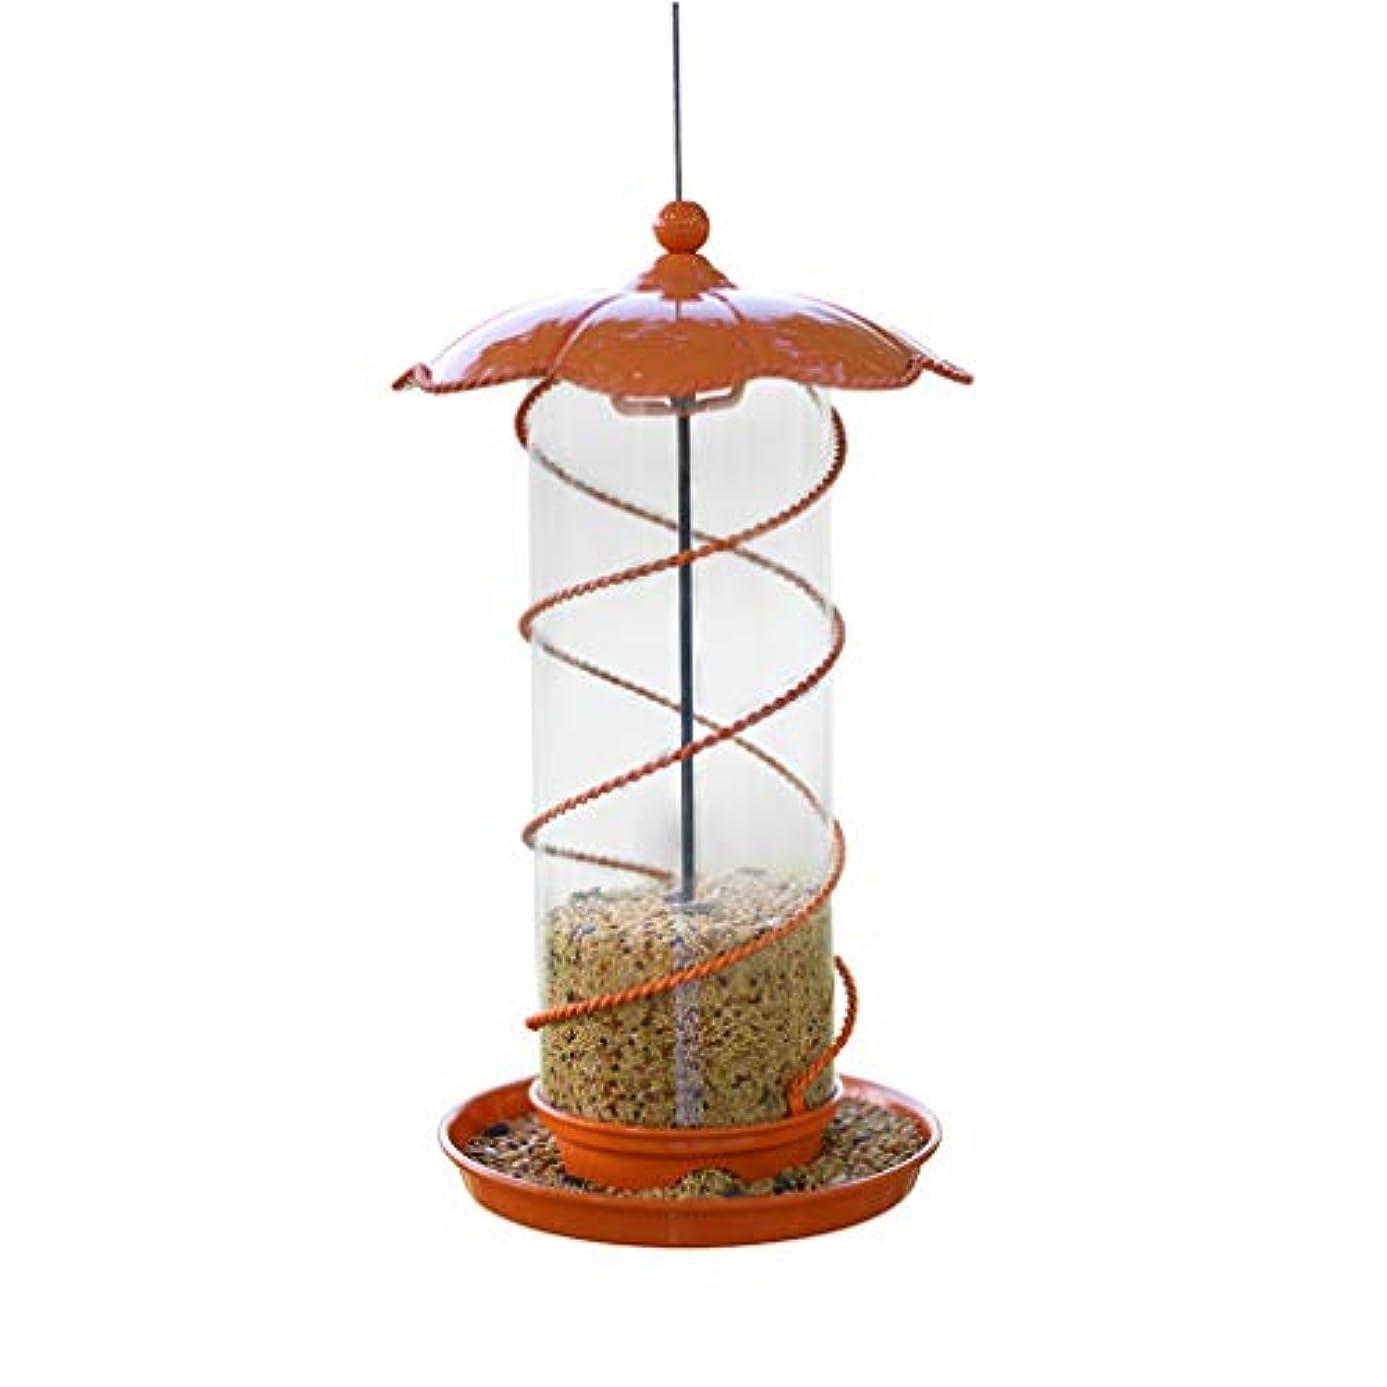 スペード統計分割Djyyh 種の鳥の送り装置のプラスチック鳥の浴室、庭の透明な管の鳥の供給場所